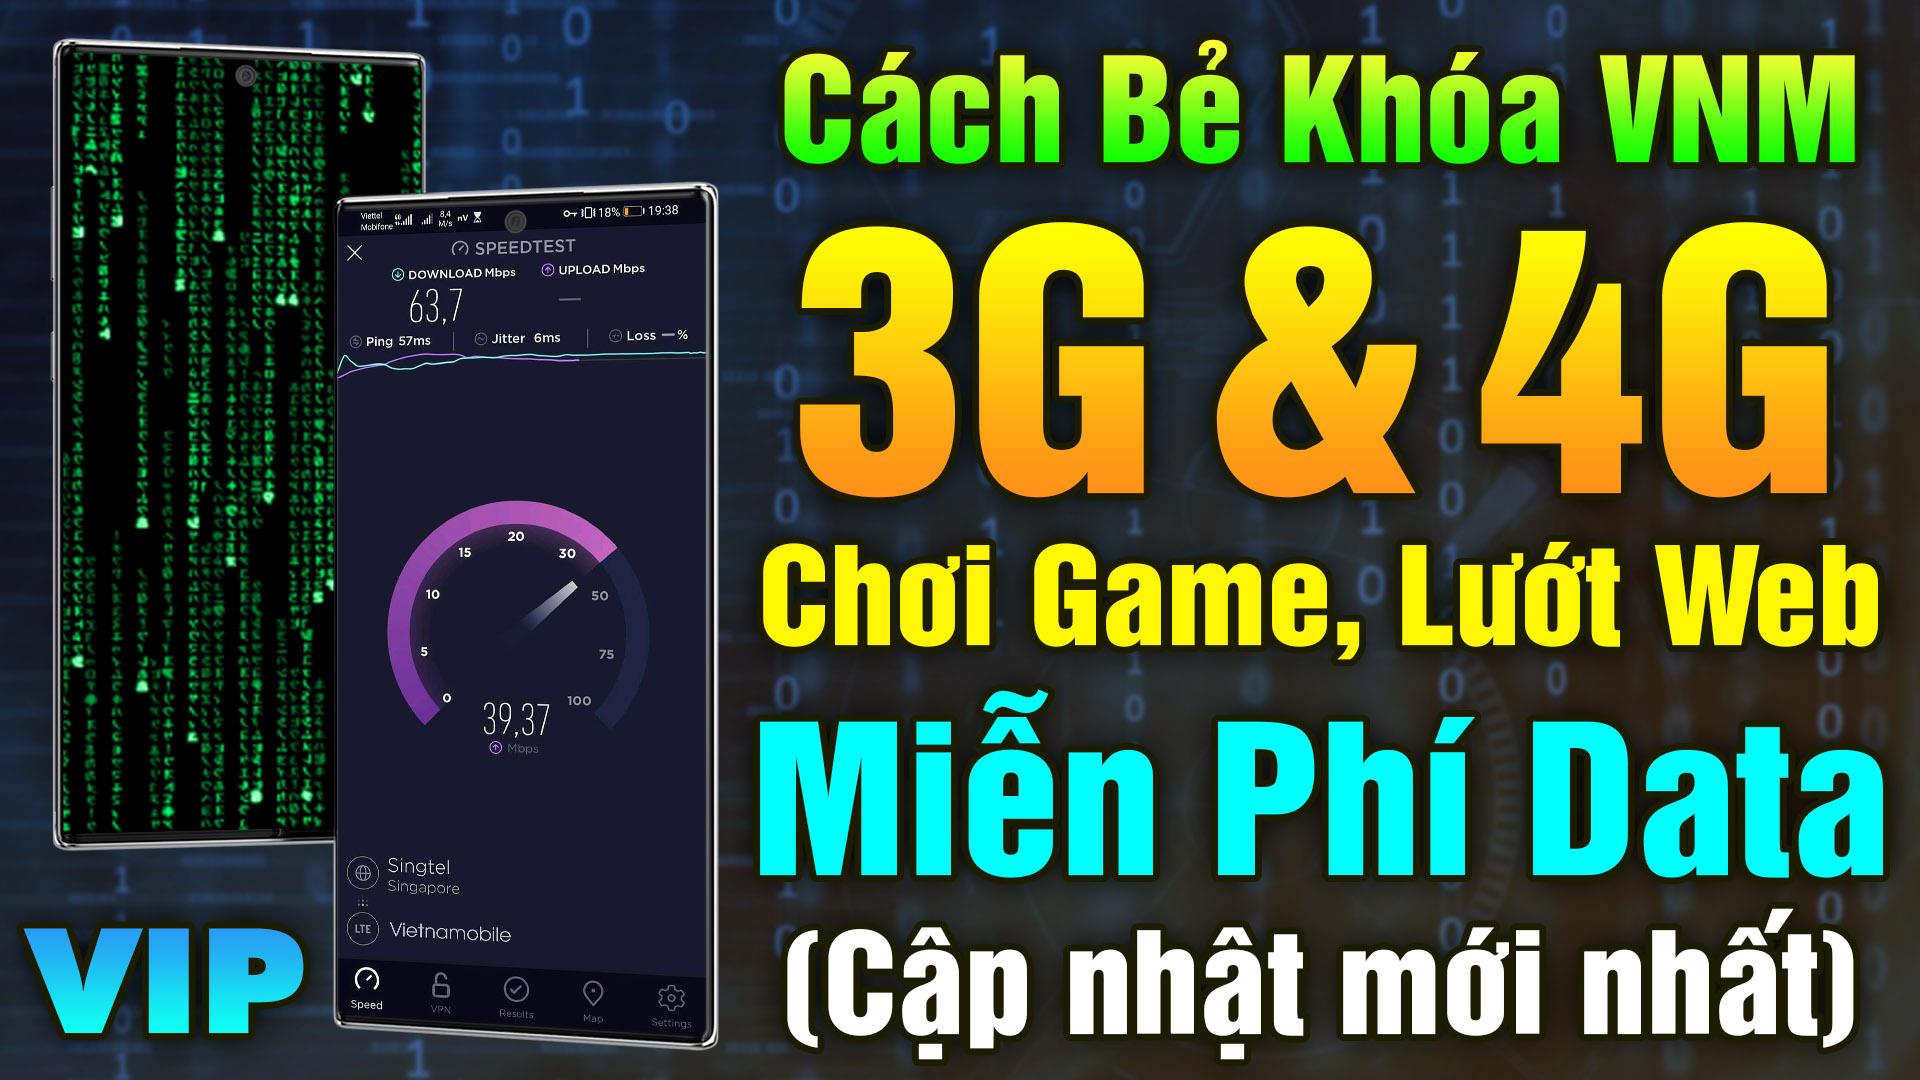 Công cụ kết nối mạng 4G VNM miễn phí trên điện thoại Android 100% thành công 2021